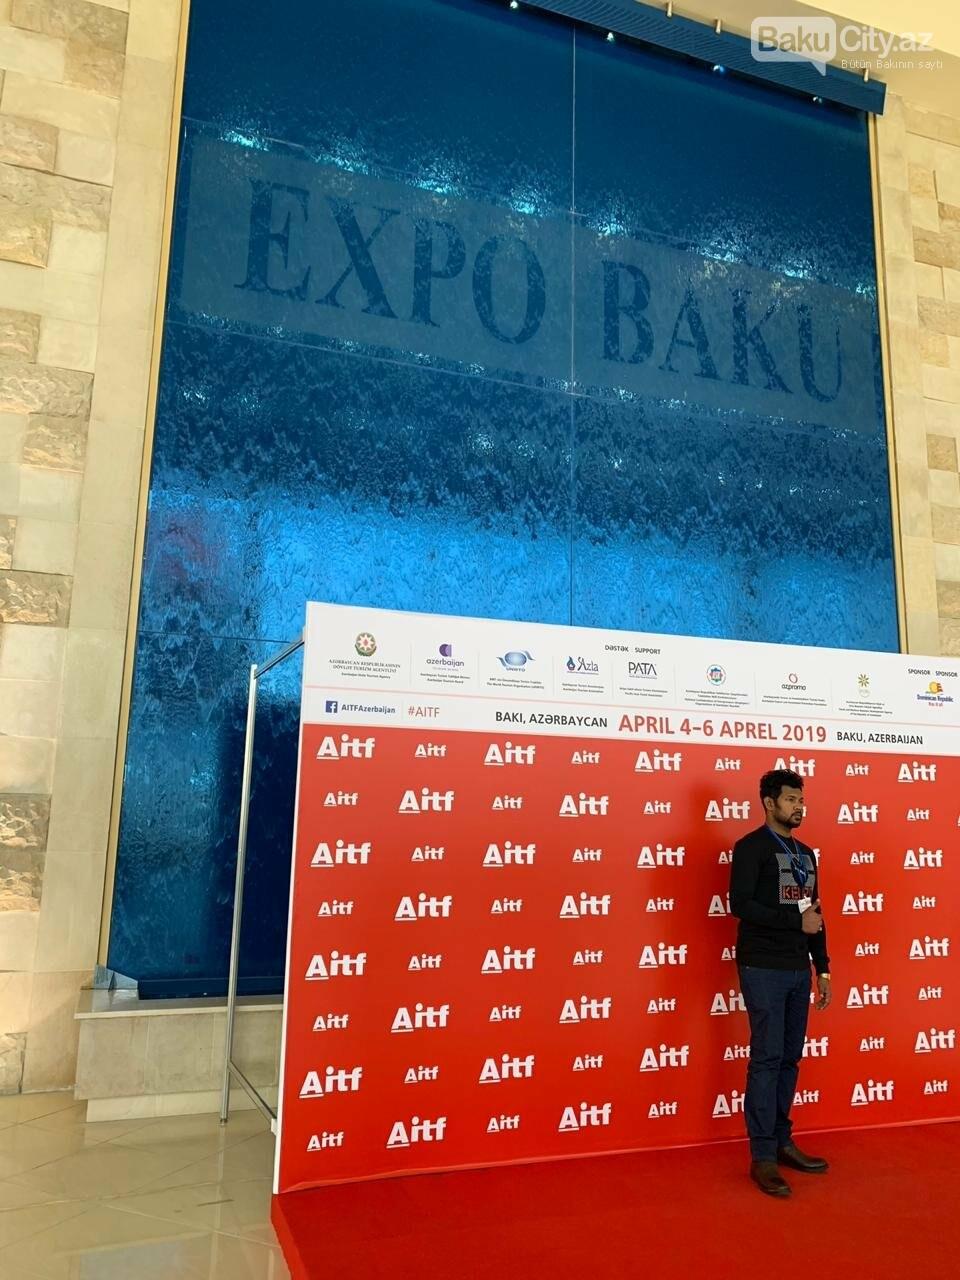 Bakıda keçirilən AITF 2019 davam edir - FOTO, fotoşəkil-13